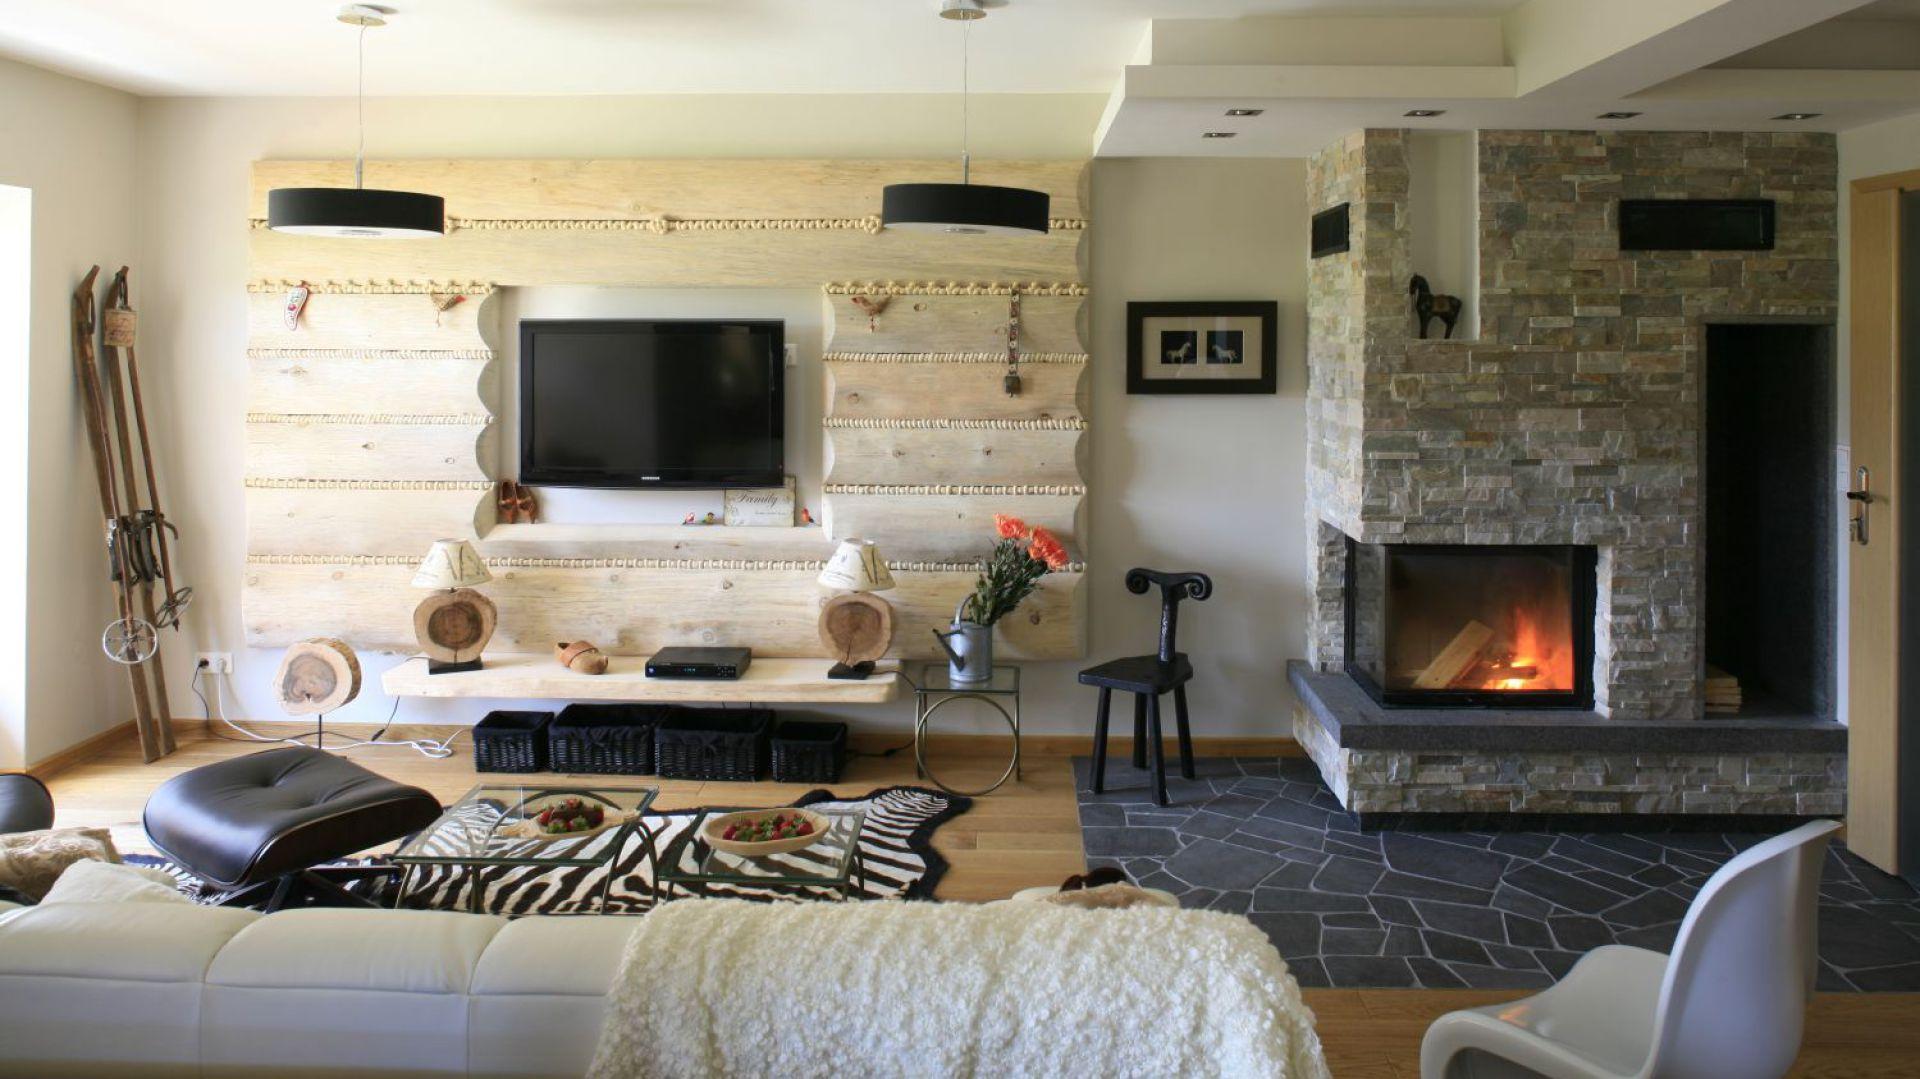 Wnętrze w stylu...  Dom w stylu rustykalnym - tak możesz go urządzić